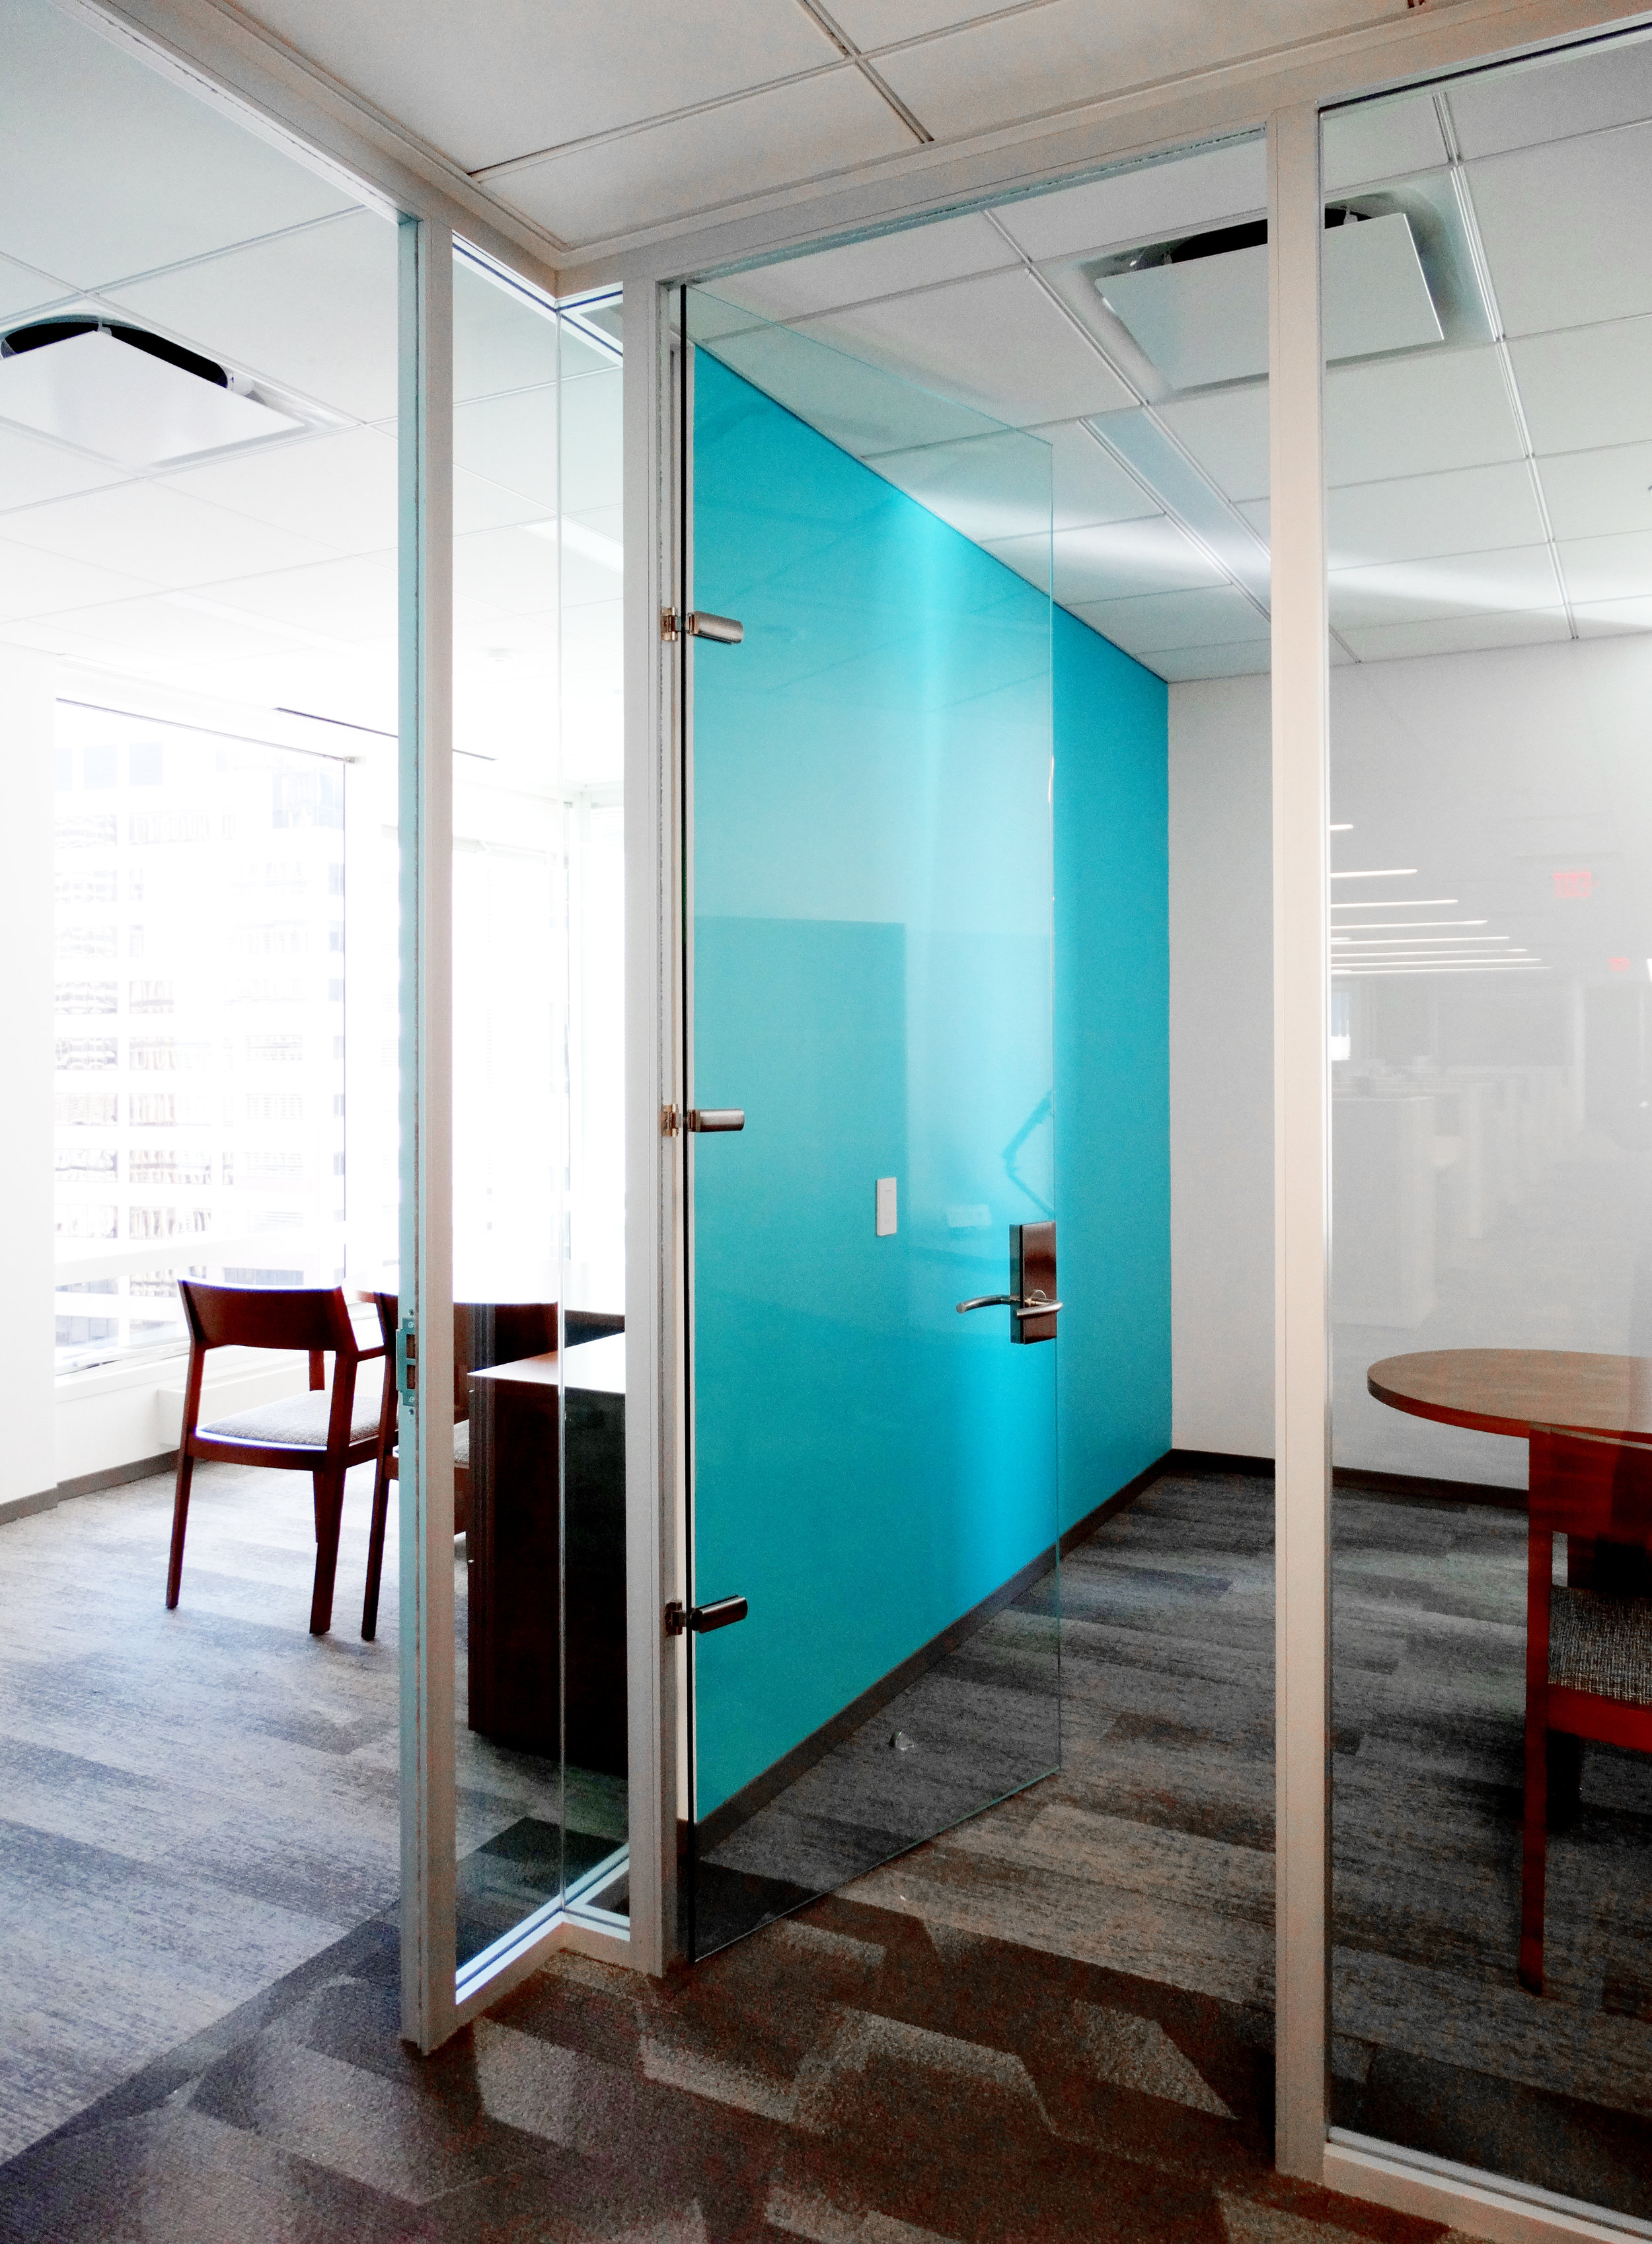 Litespace Demountable Glass Wall Frameless Glass Door - Spaceworks AI.jpg